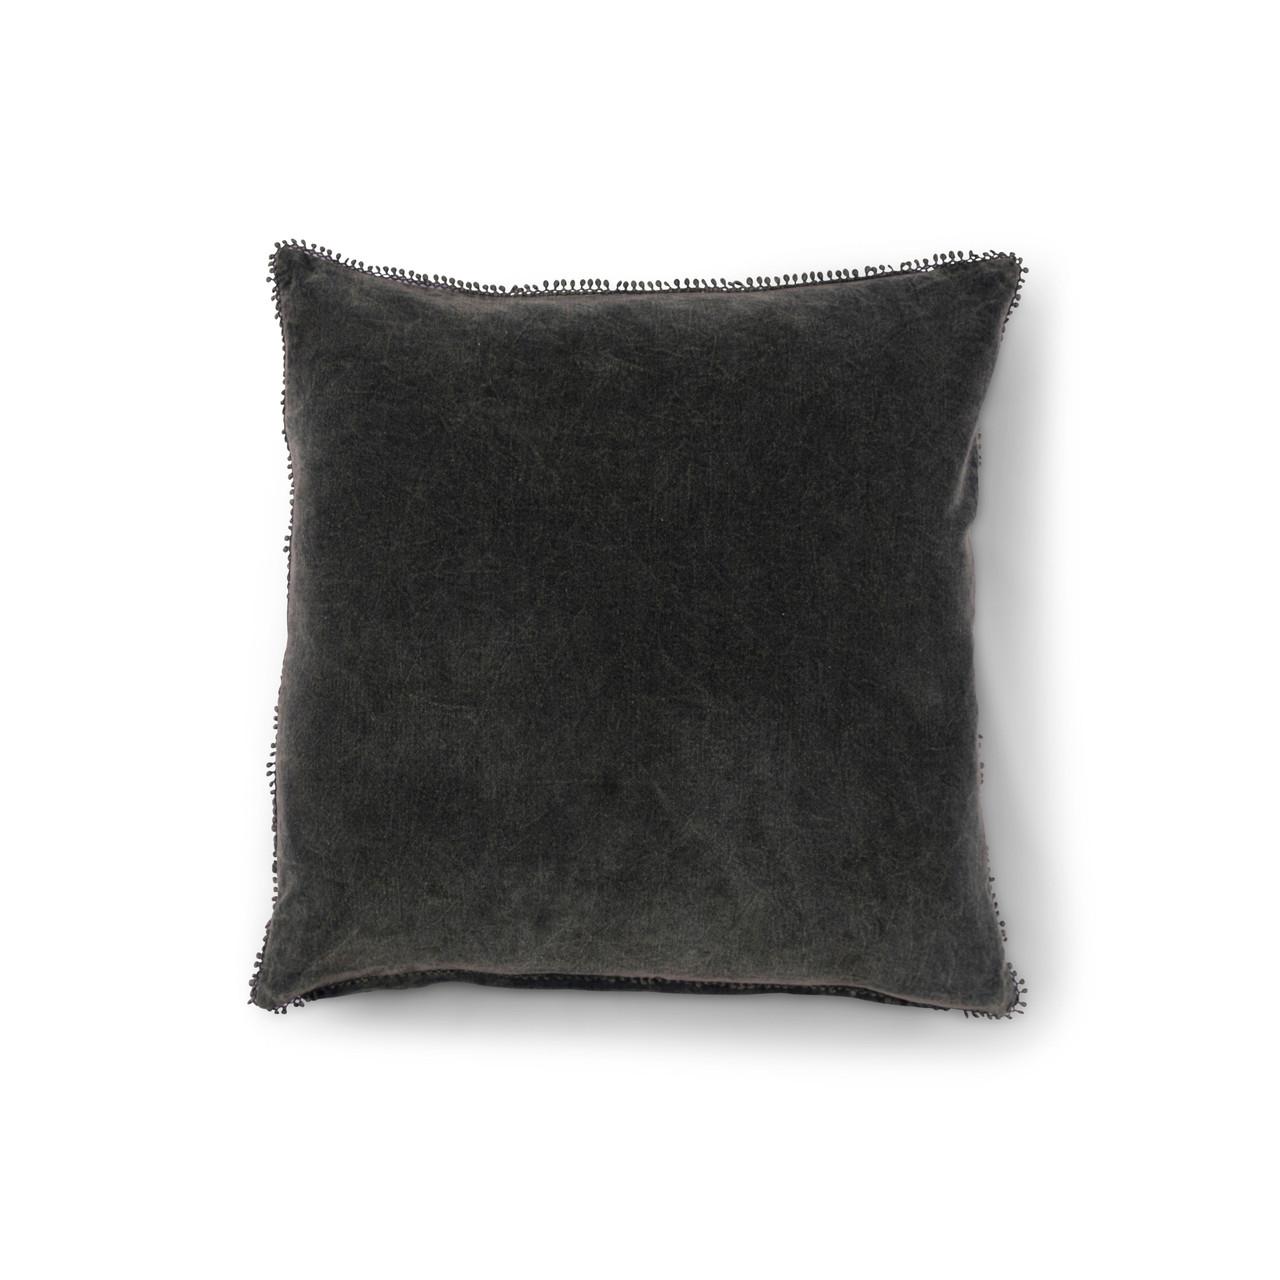 Pine Velvet Pillow With Poms